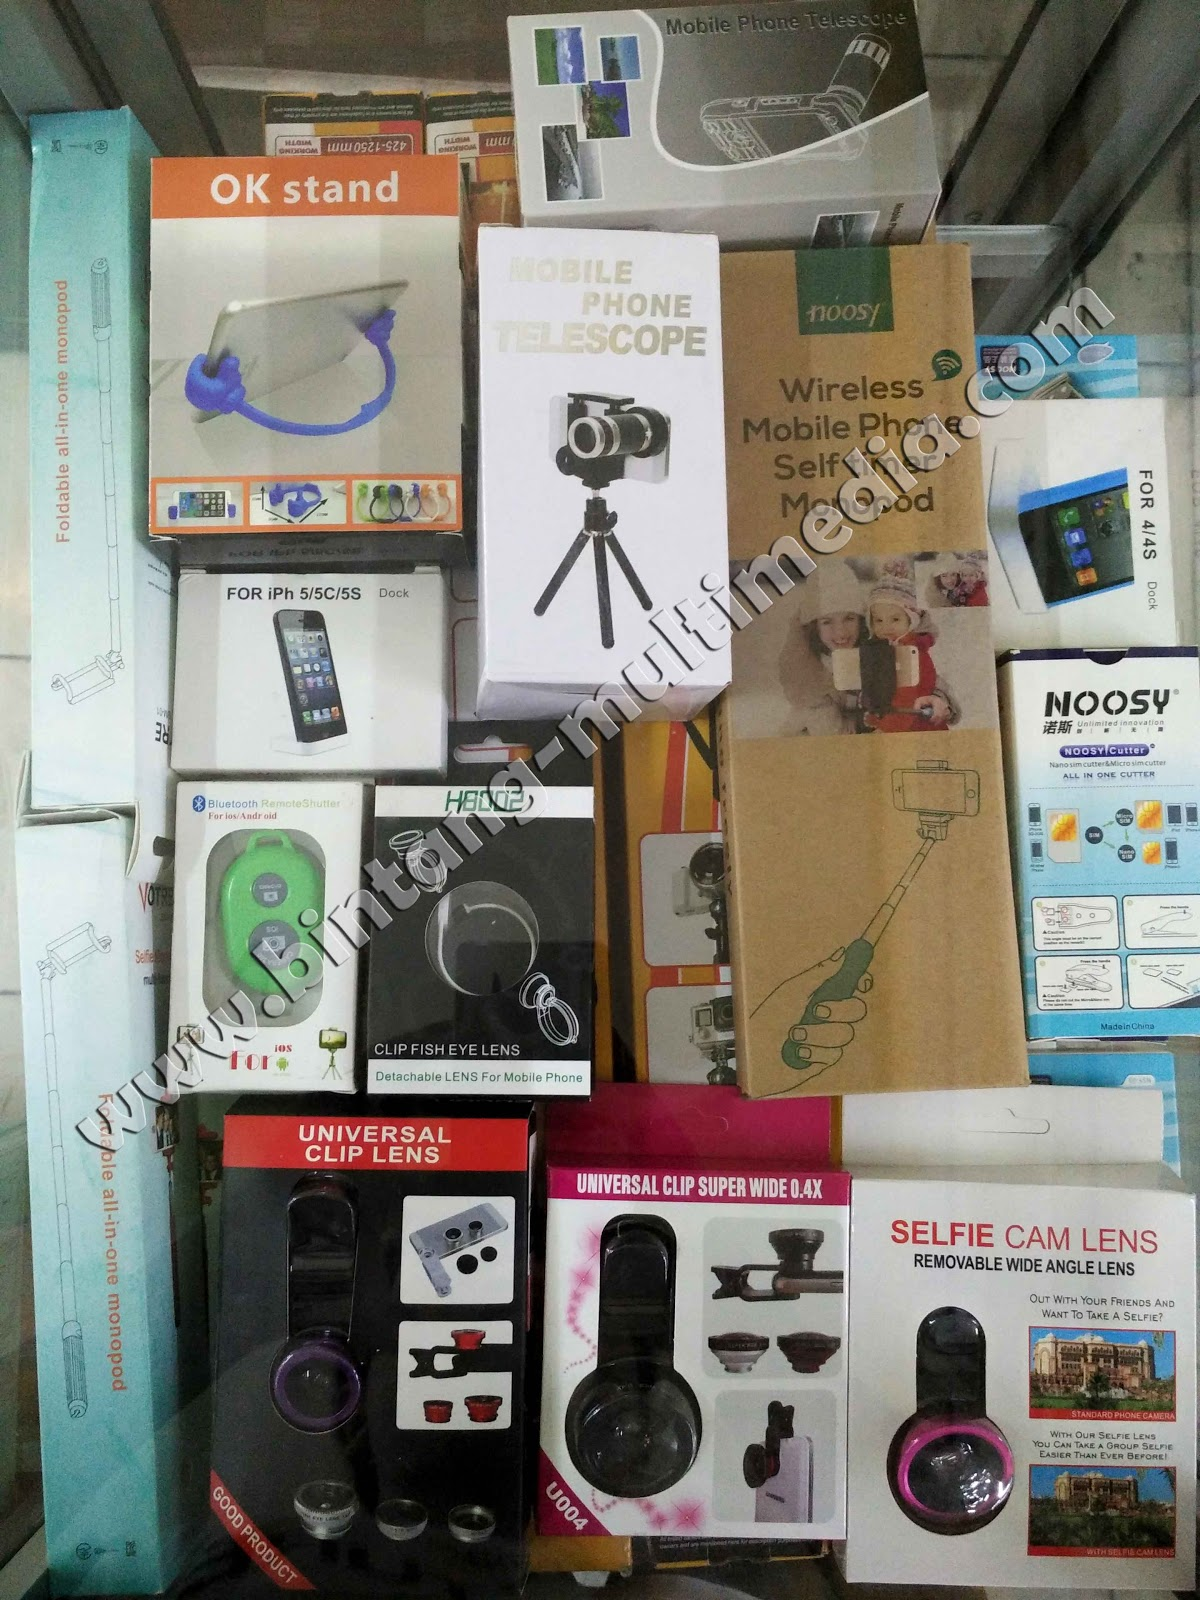 Daftar Harga Semua Produk Surabaya Bintang 100 Aksesoris Hp Multimedia Pusat Asesoris Smartphone